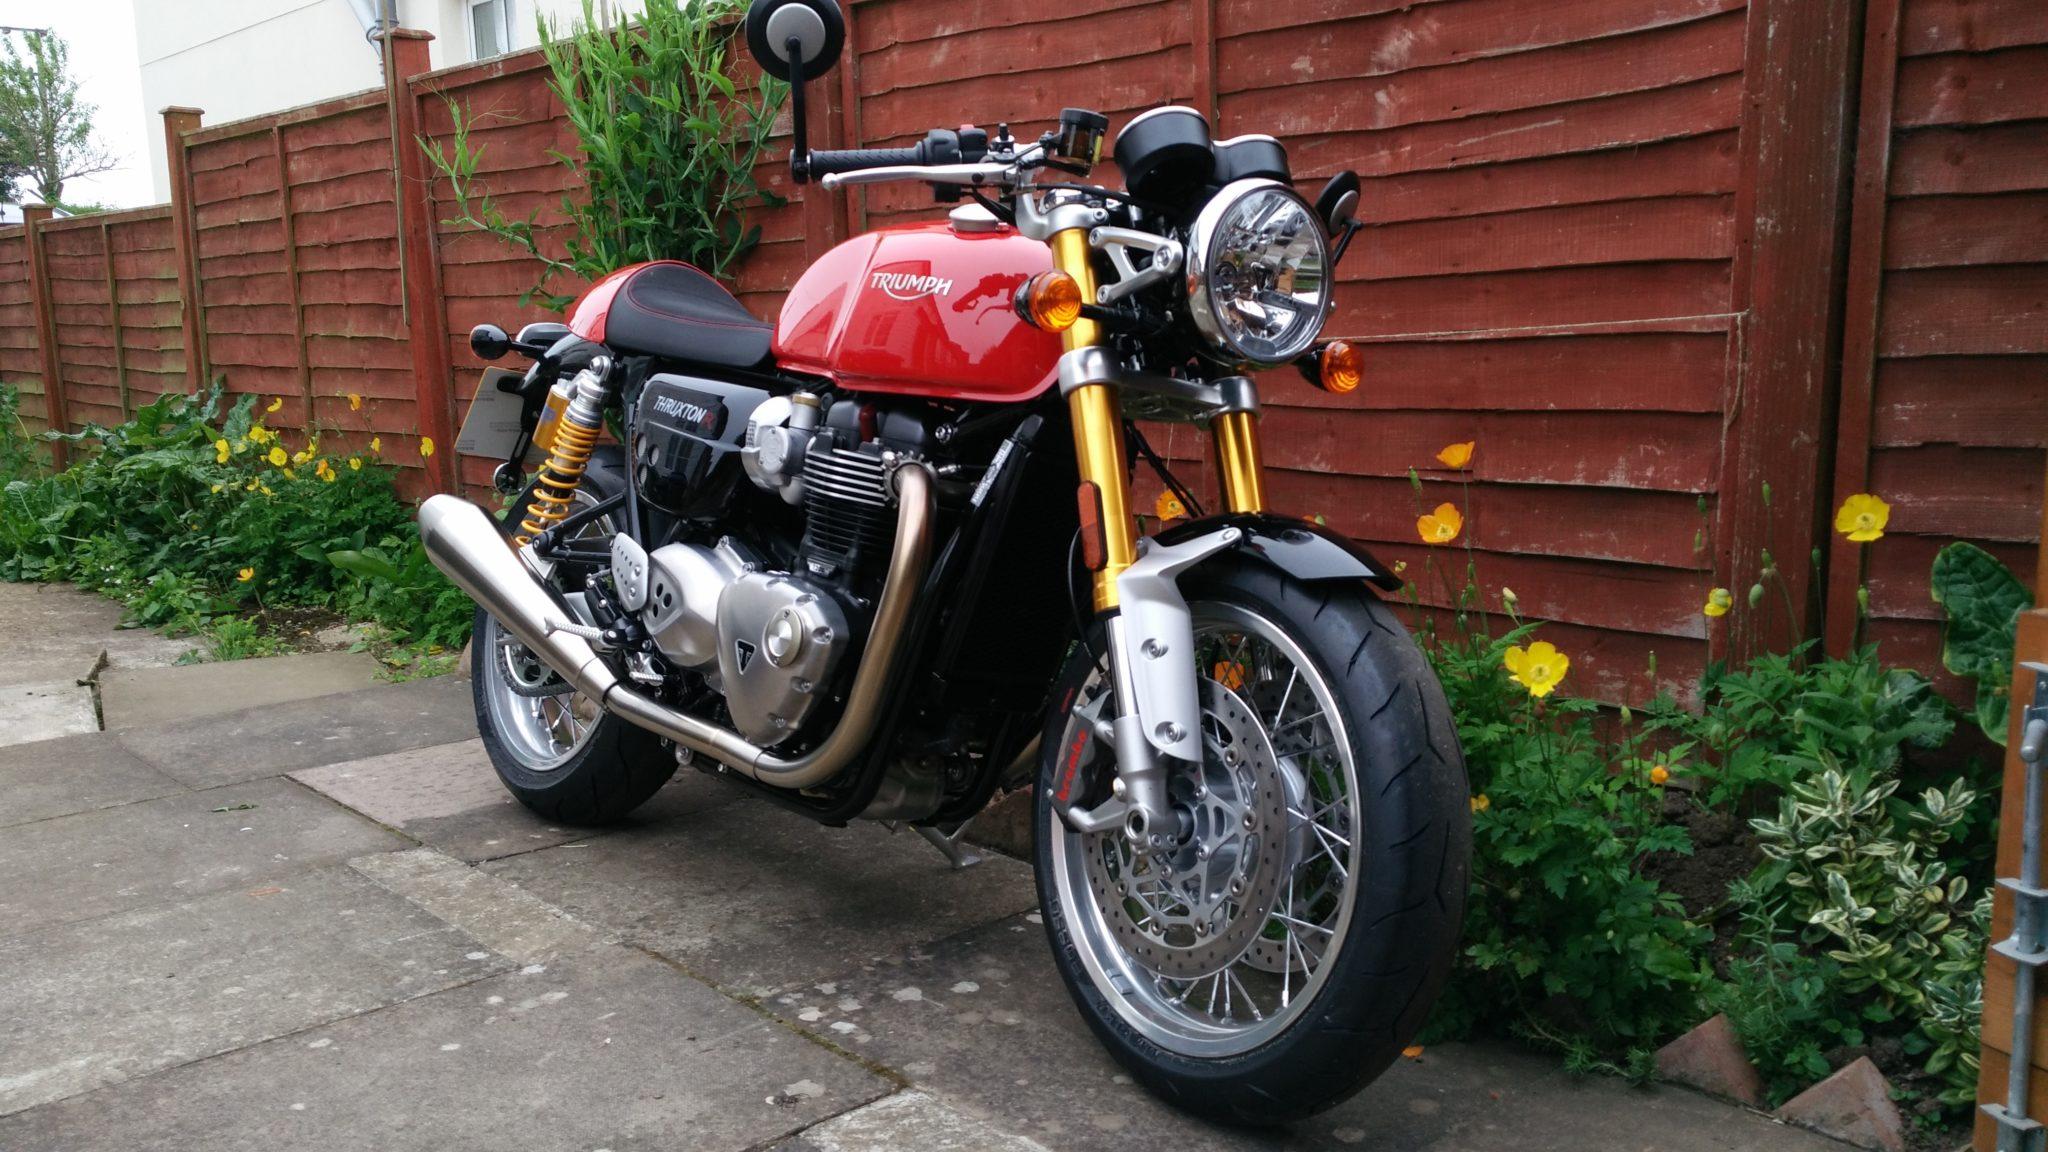 Triumph-Thruxton-1200-motorcycle